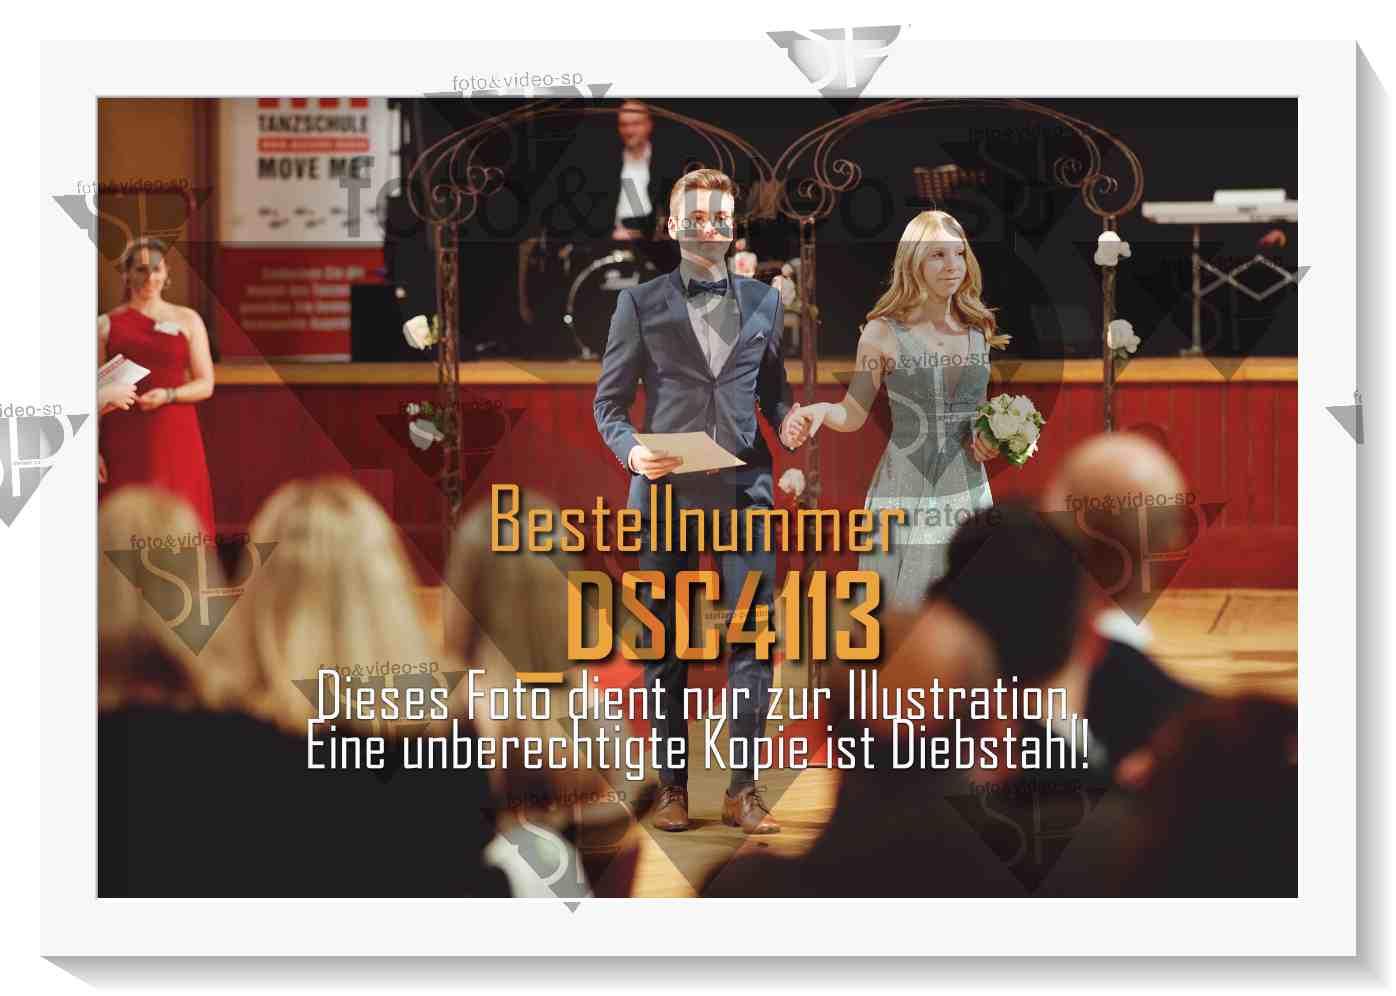 DSC4113